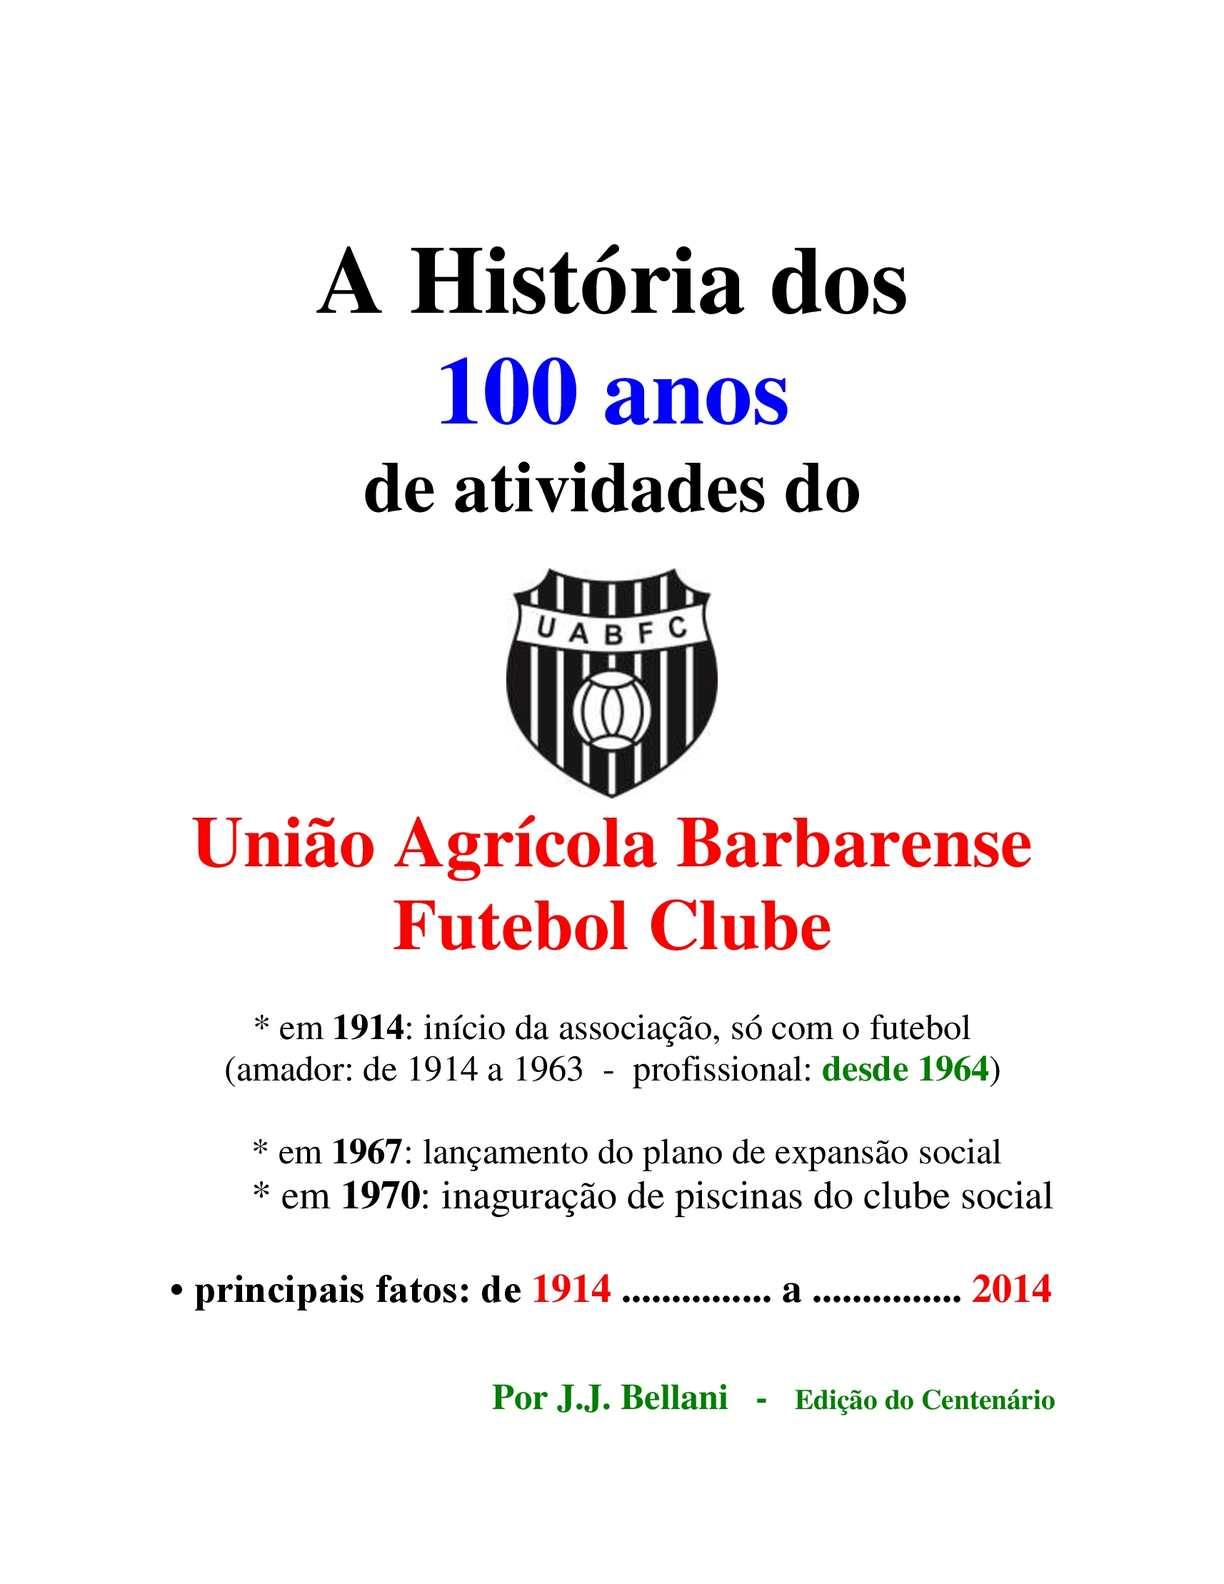 6a003f9d13 Calaméo - Livro  A história dos 100 anos do União ABFC